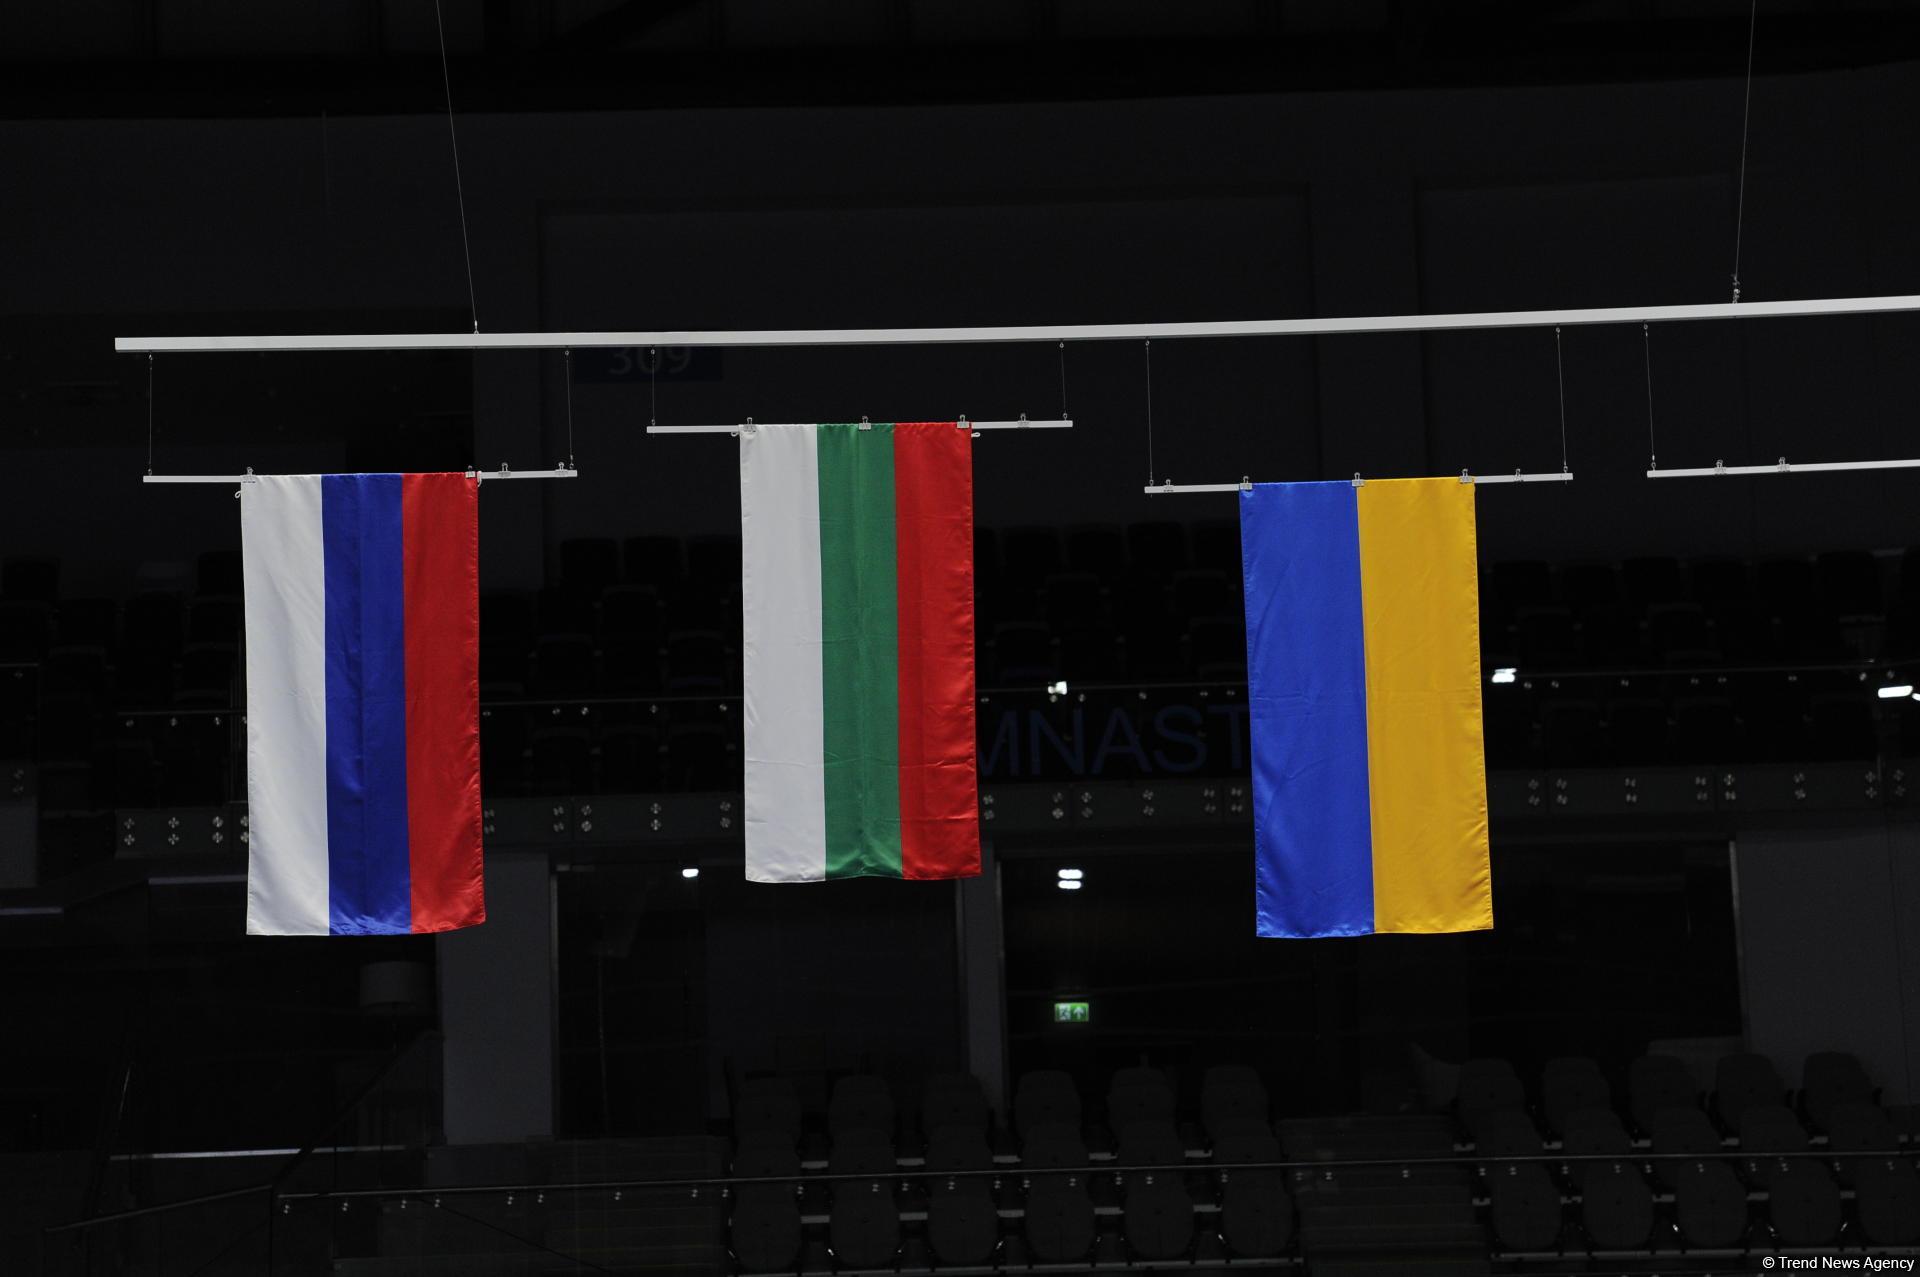 В Баку прошла церемония награждения команд в групповых упражнениях Кубка мира по художественной гимнастике (ФОТО)